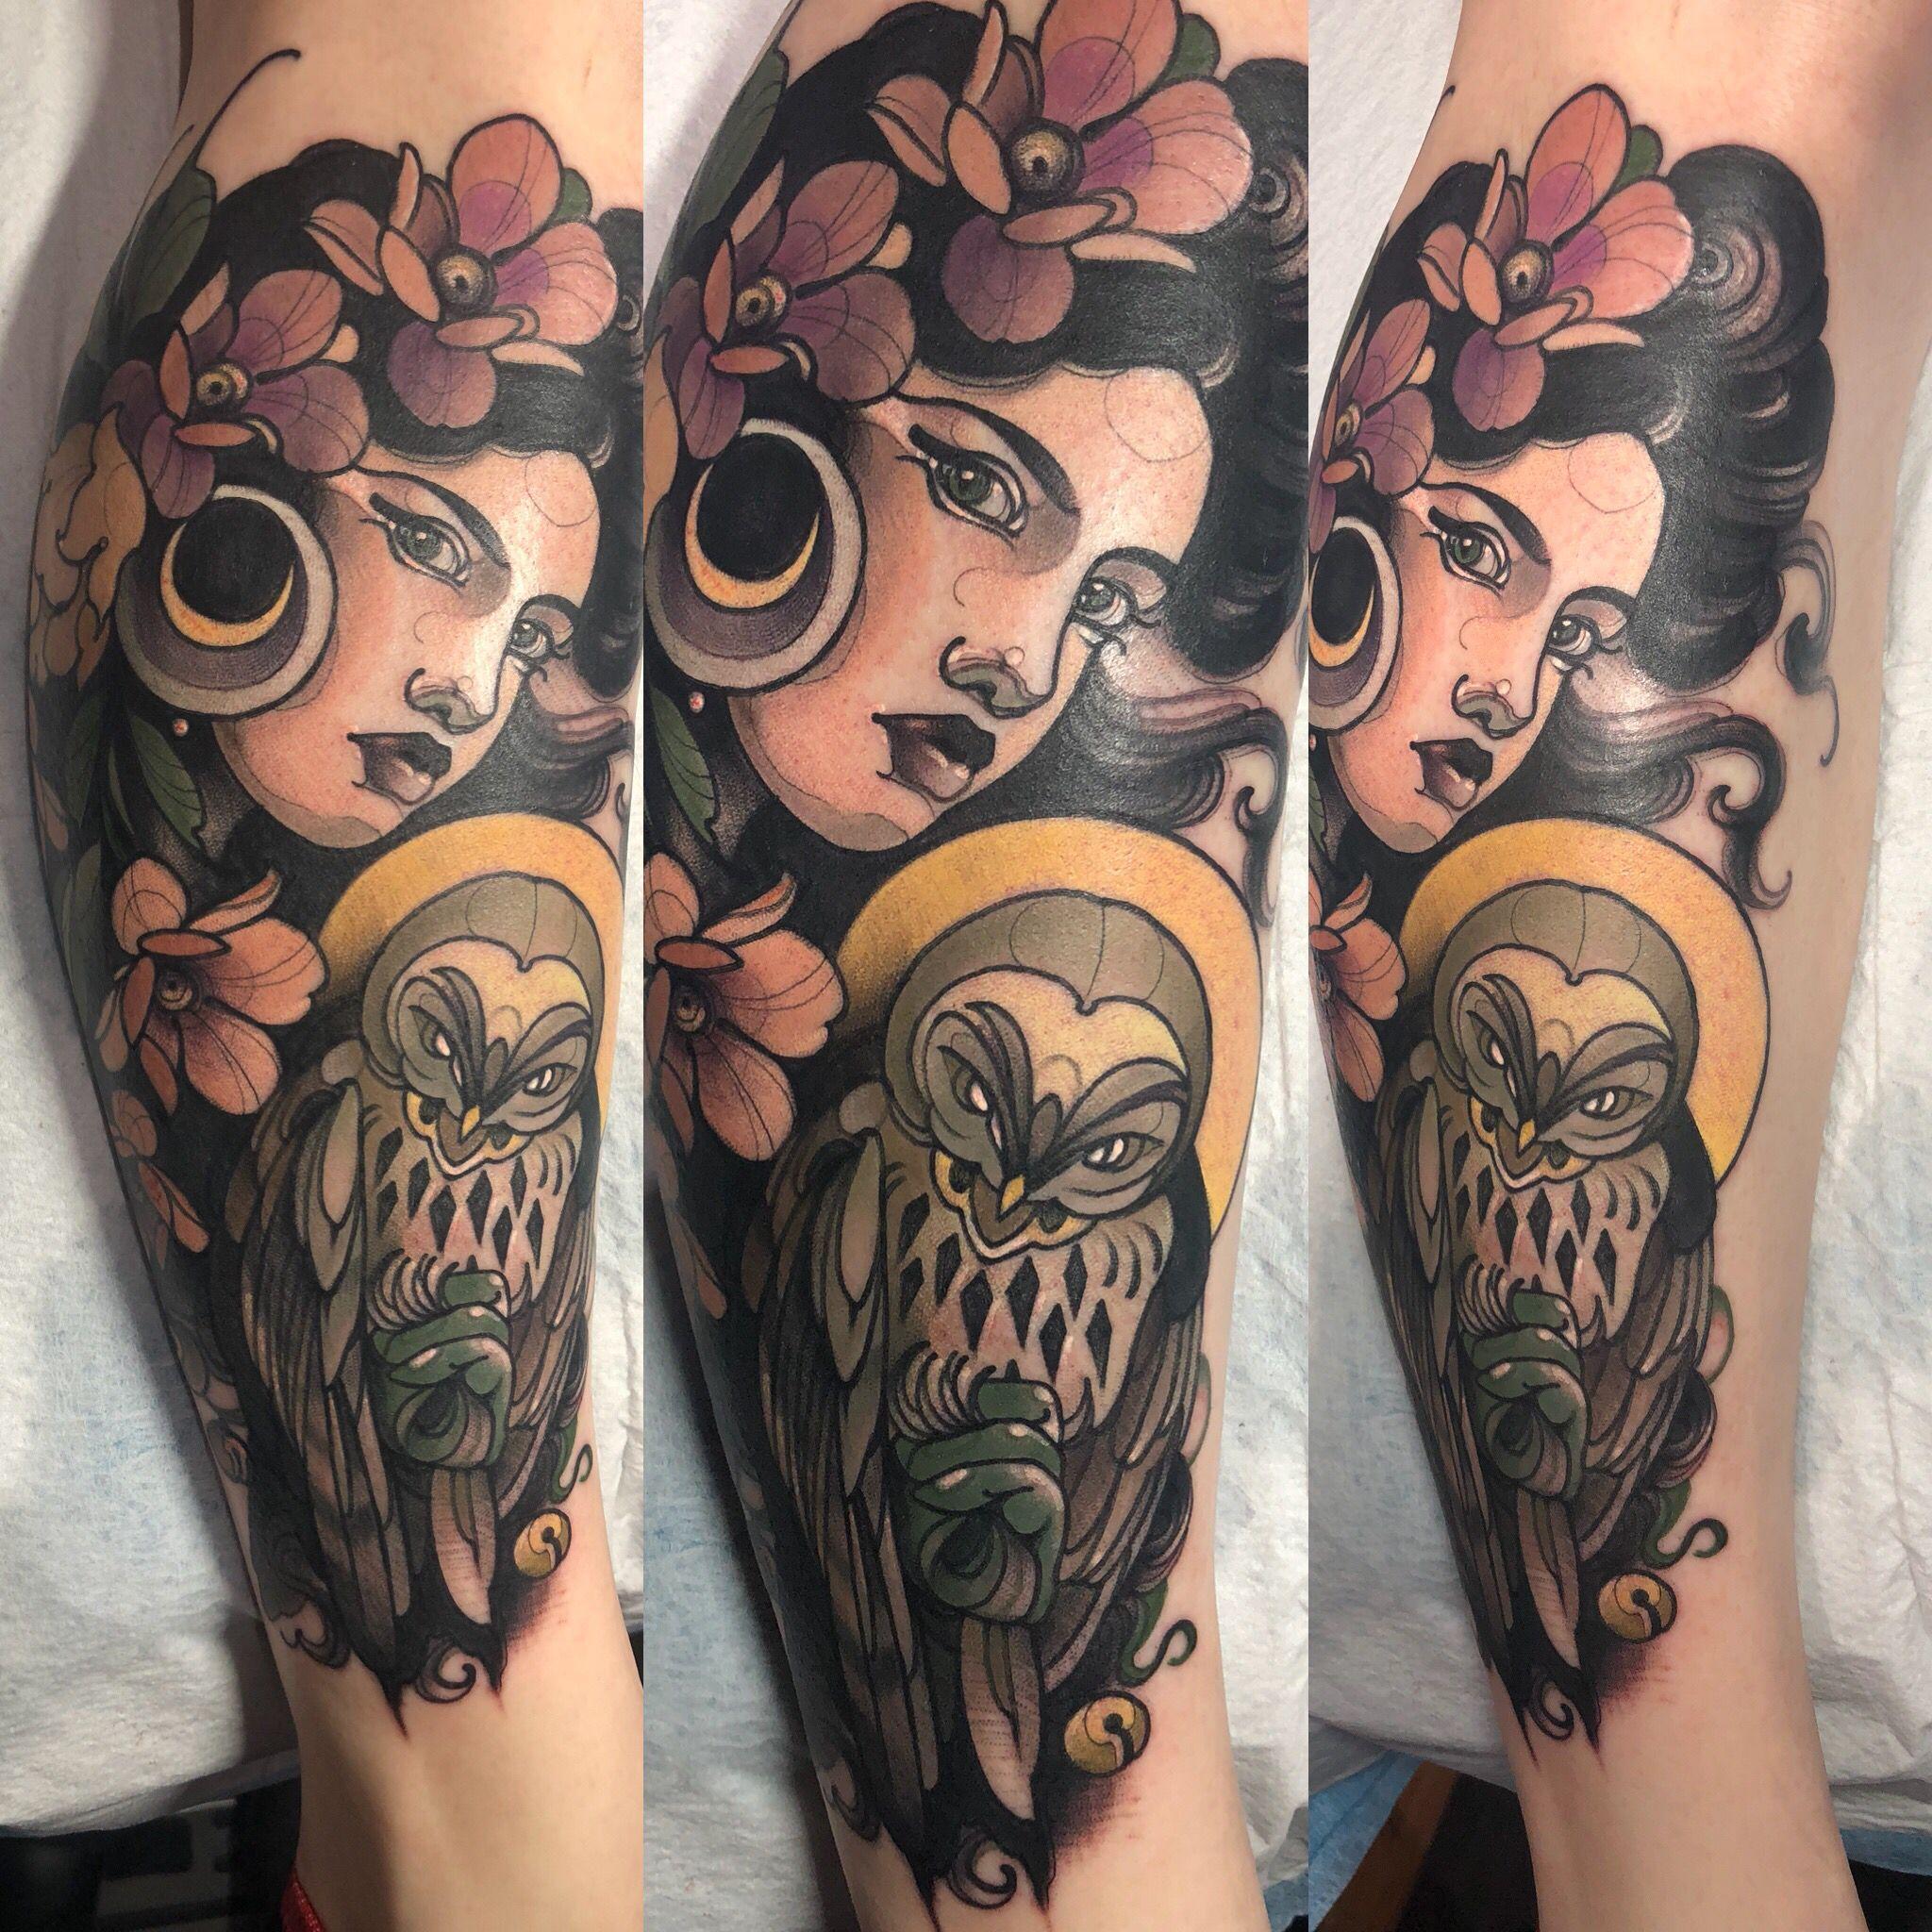 Tattoo by Gia Rose giarosetattoo Tattoos, Rose tattoo